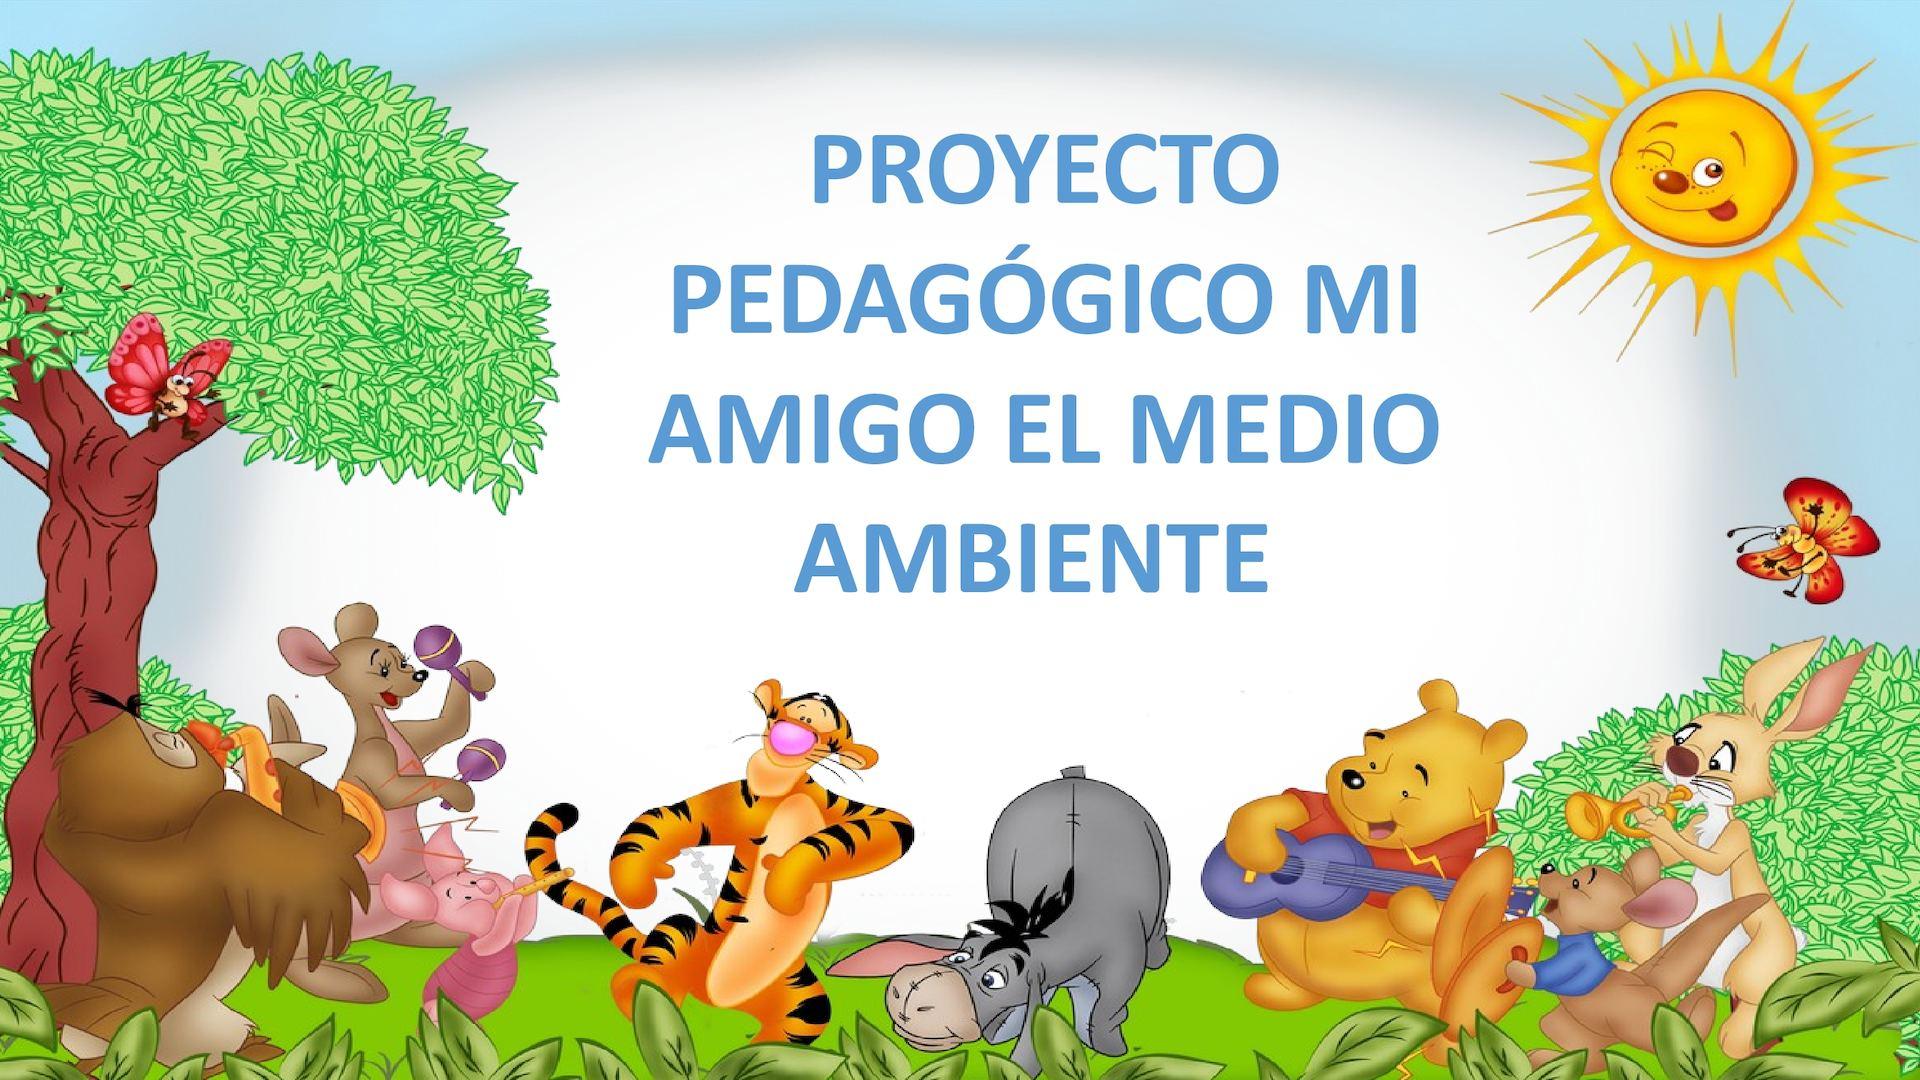 """El Medio Ambiente: Proyecto Pedagógico """"MI AMIGO EL MEDIO AMBIENTE"""""""